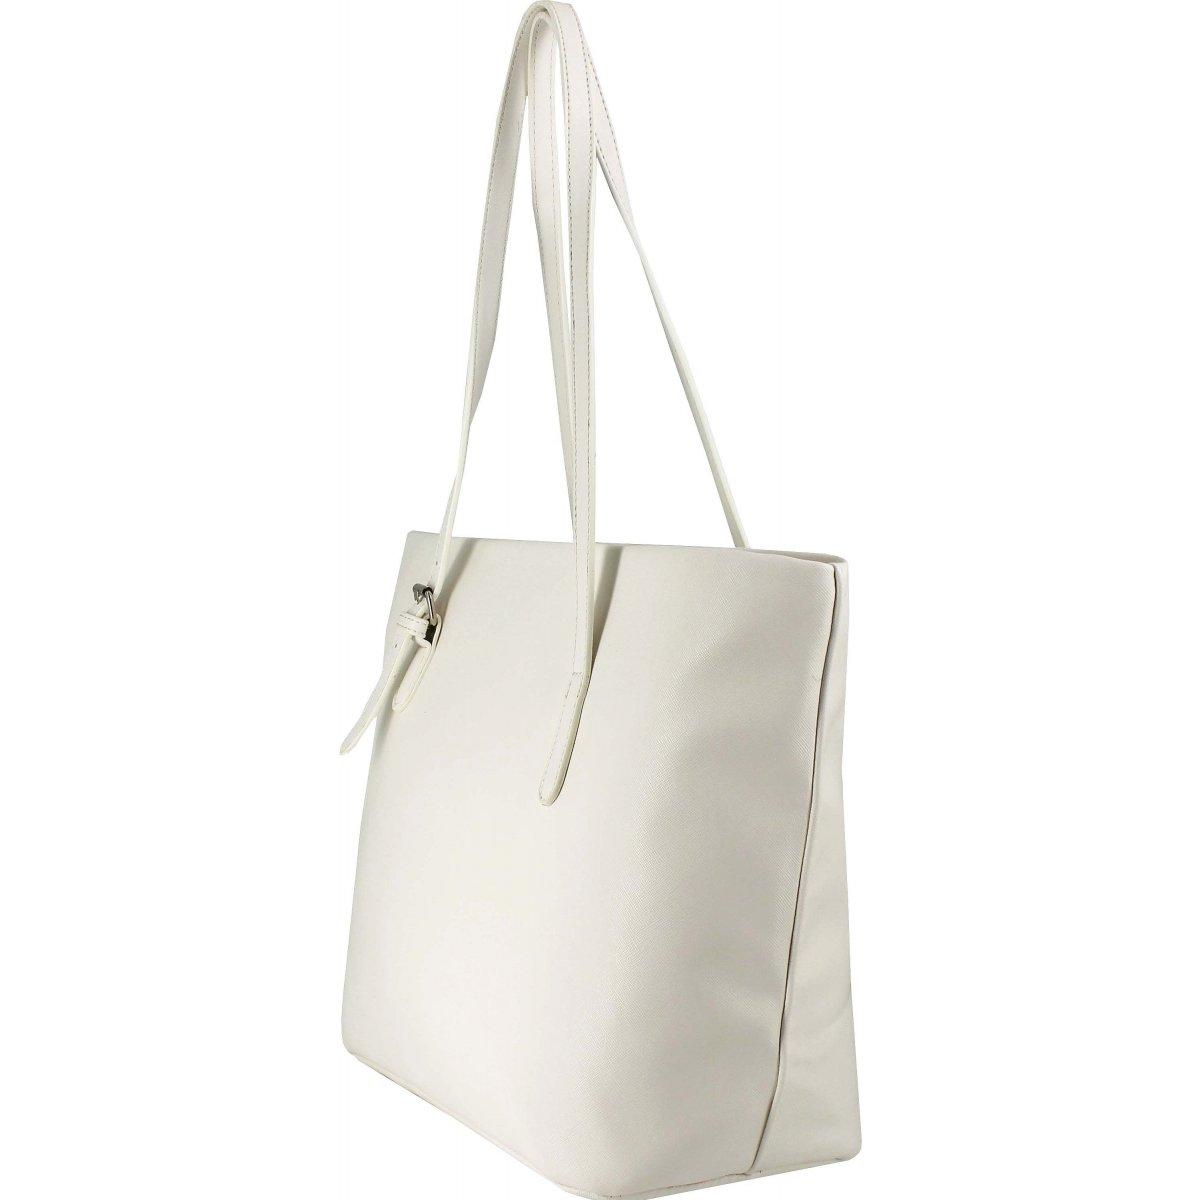 sac main les sacs de krlot fkg50572 couleur principale white. Black Bedroom Furniture Sets. Home Design Ideas